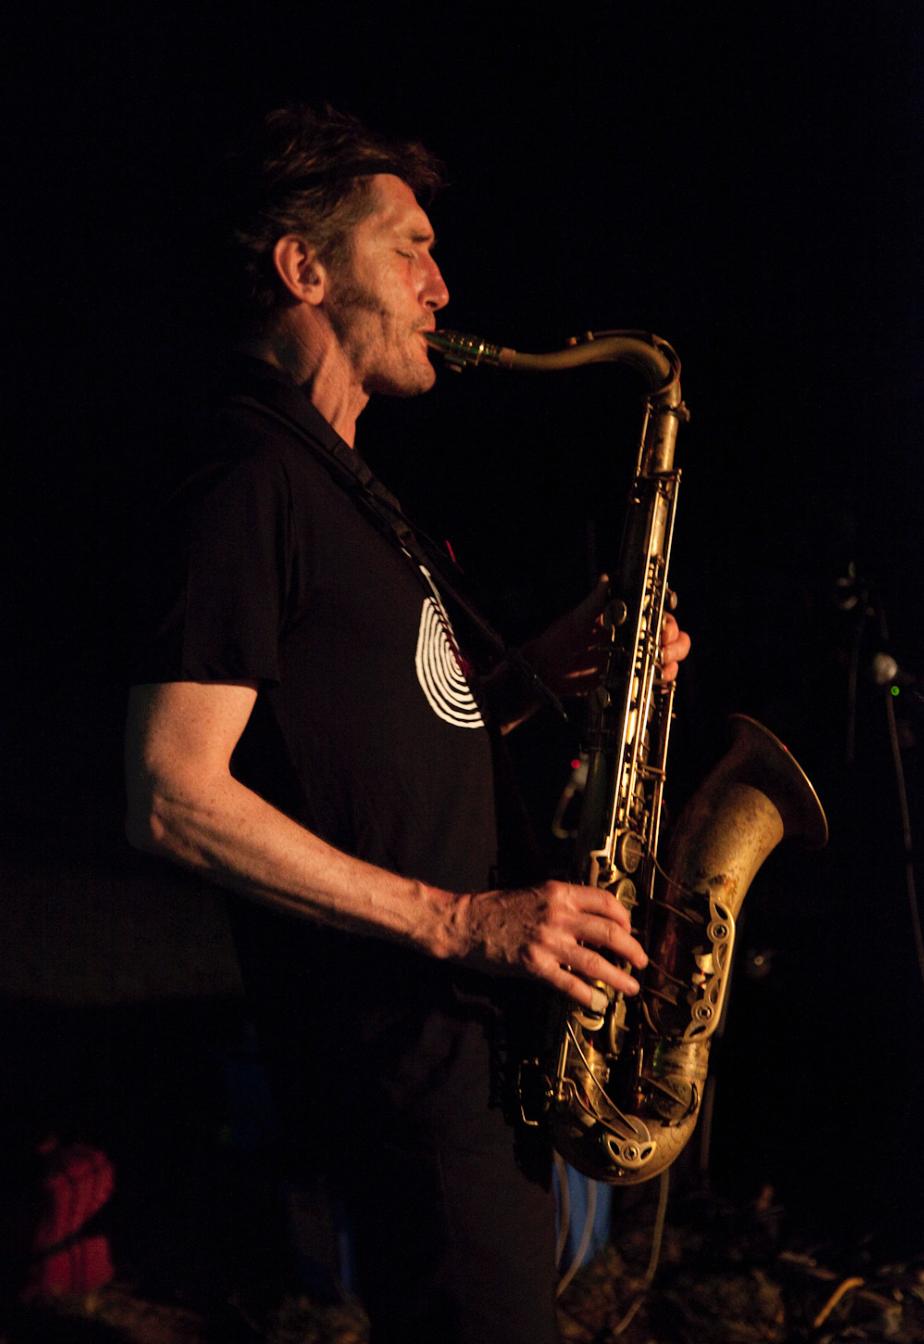 Tony Hicks, saxophone, clarinet